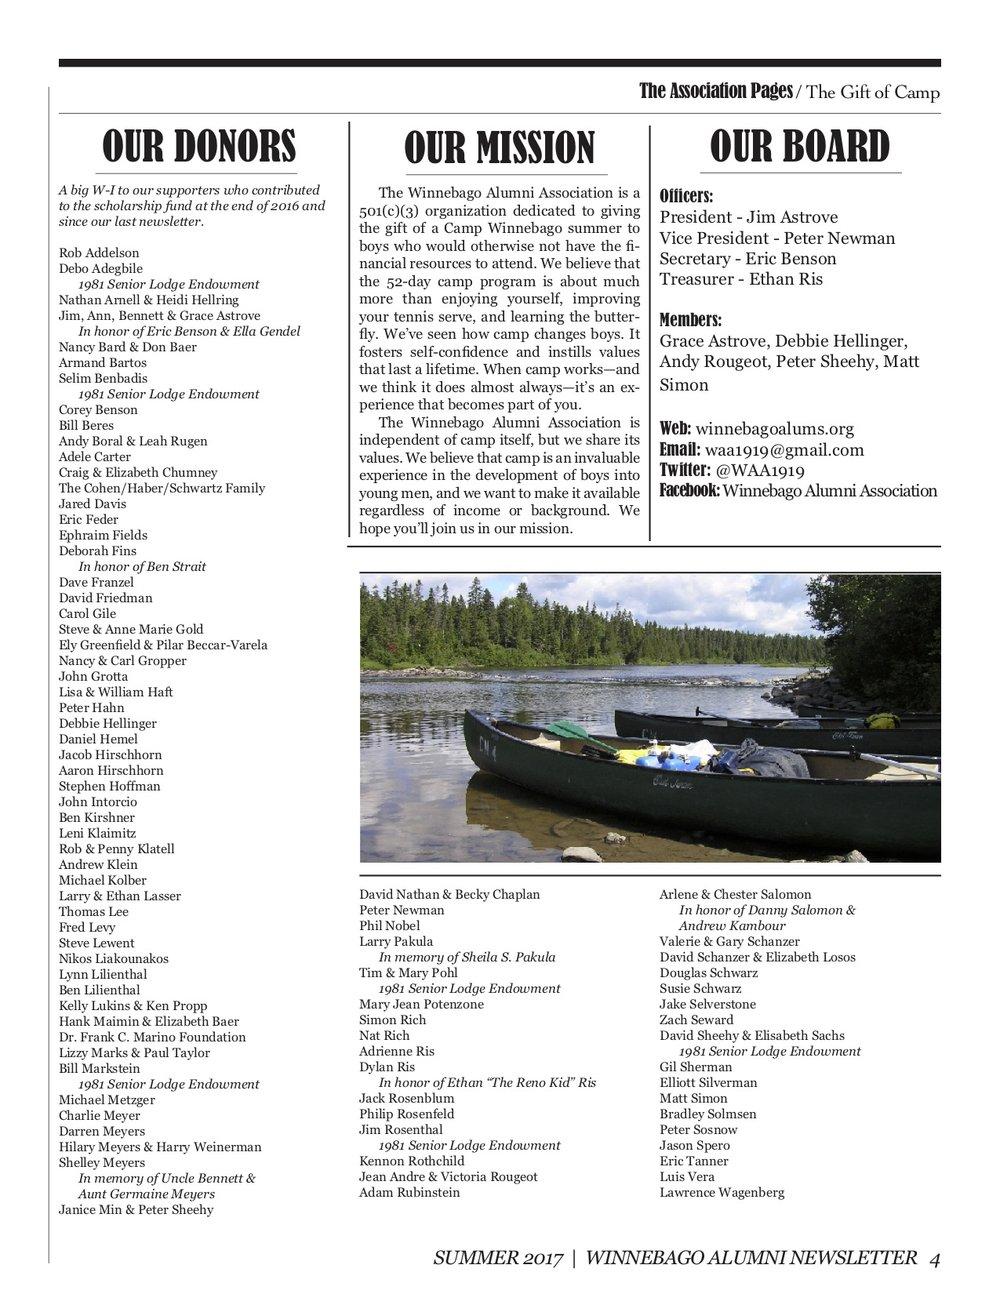 2017 Summer Newsletter 4.jpg